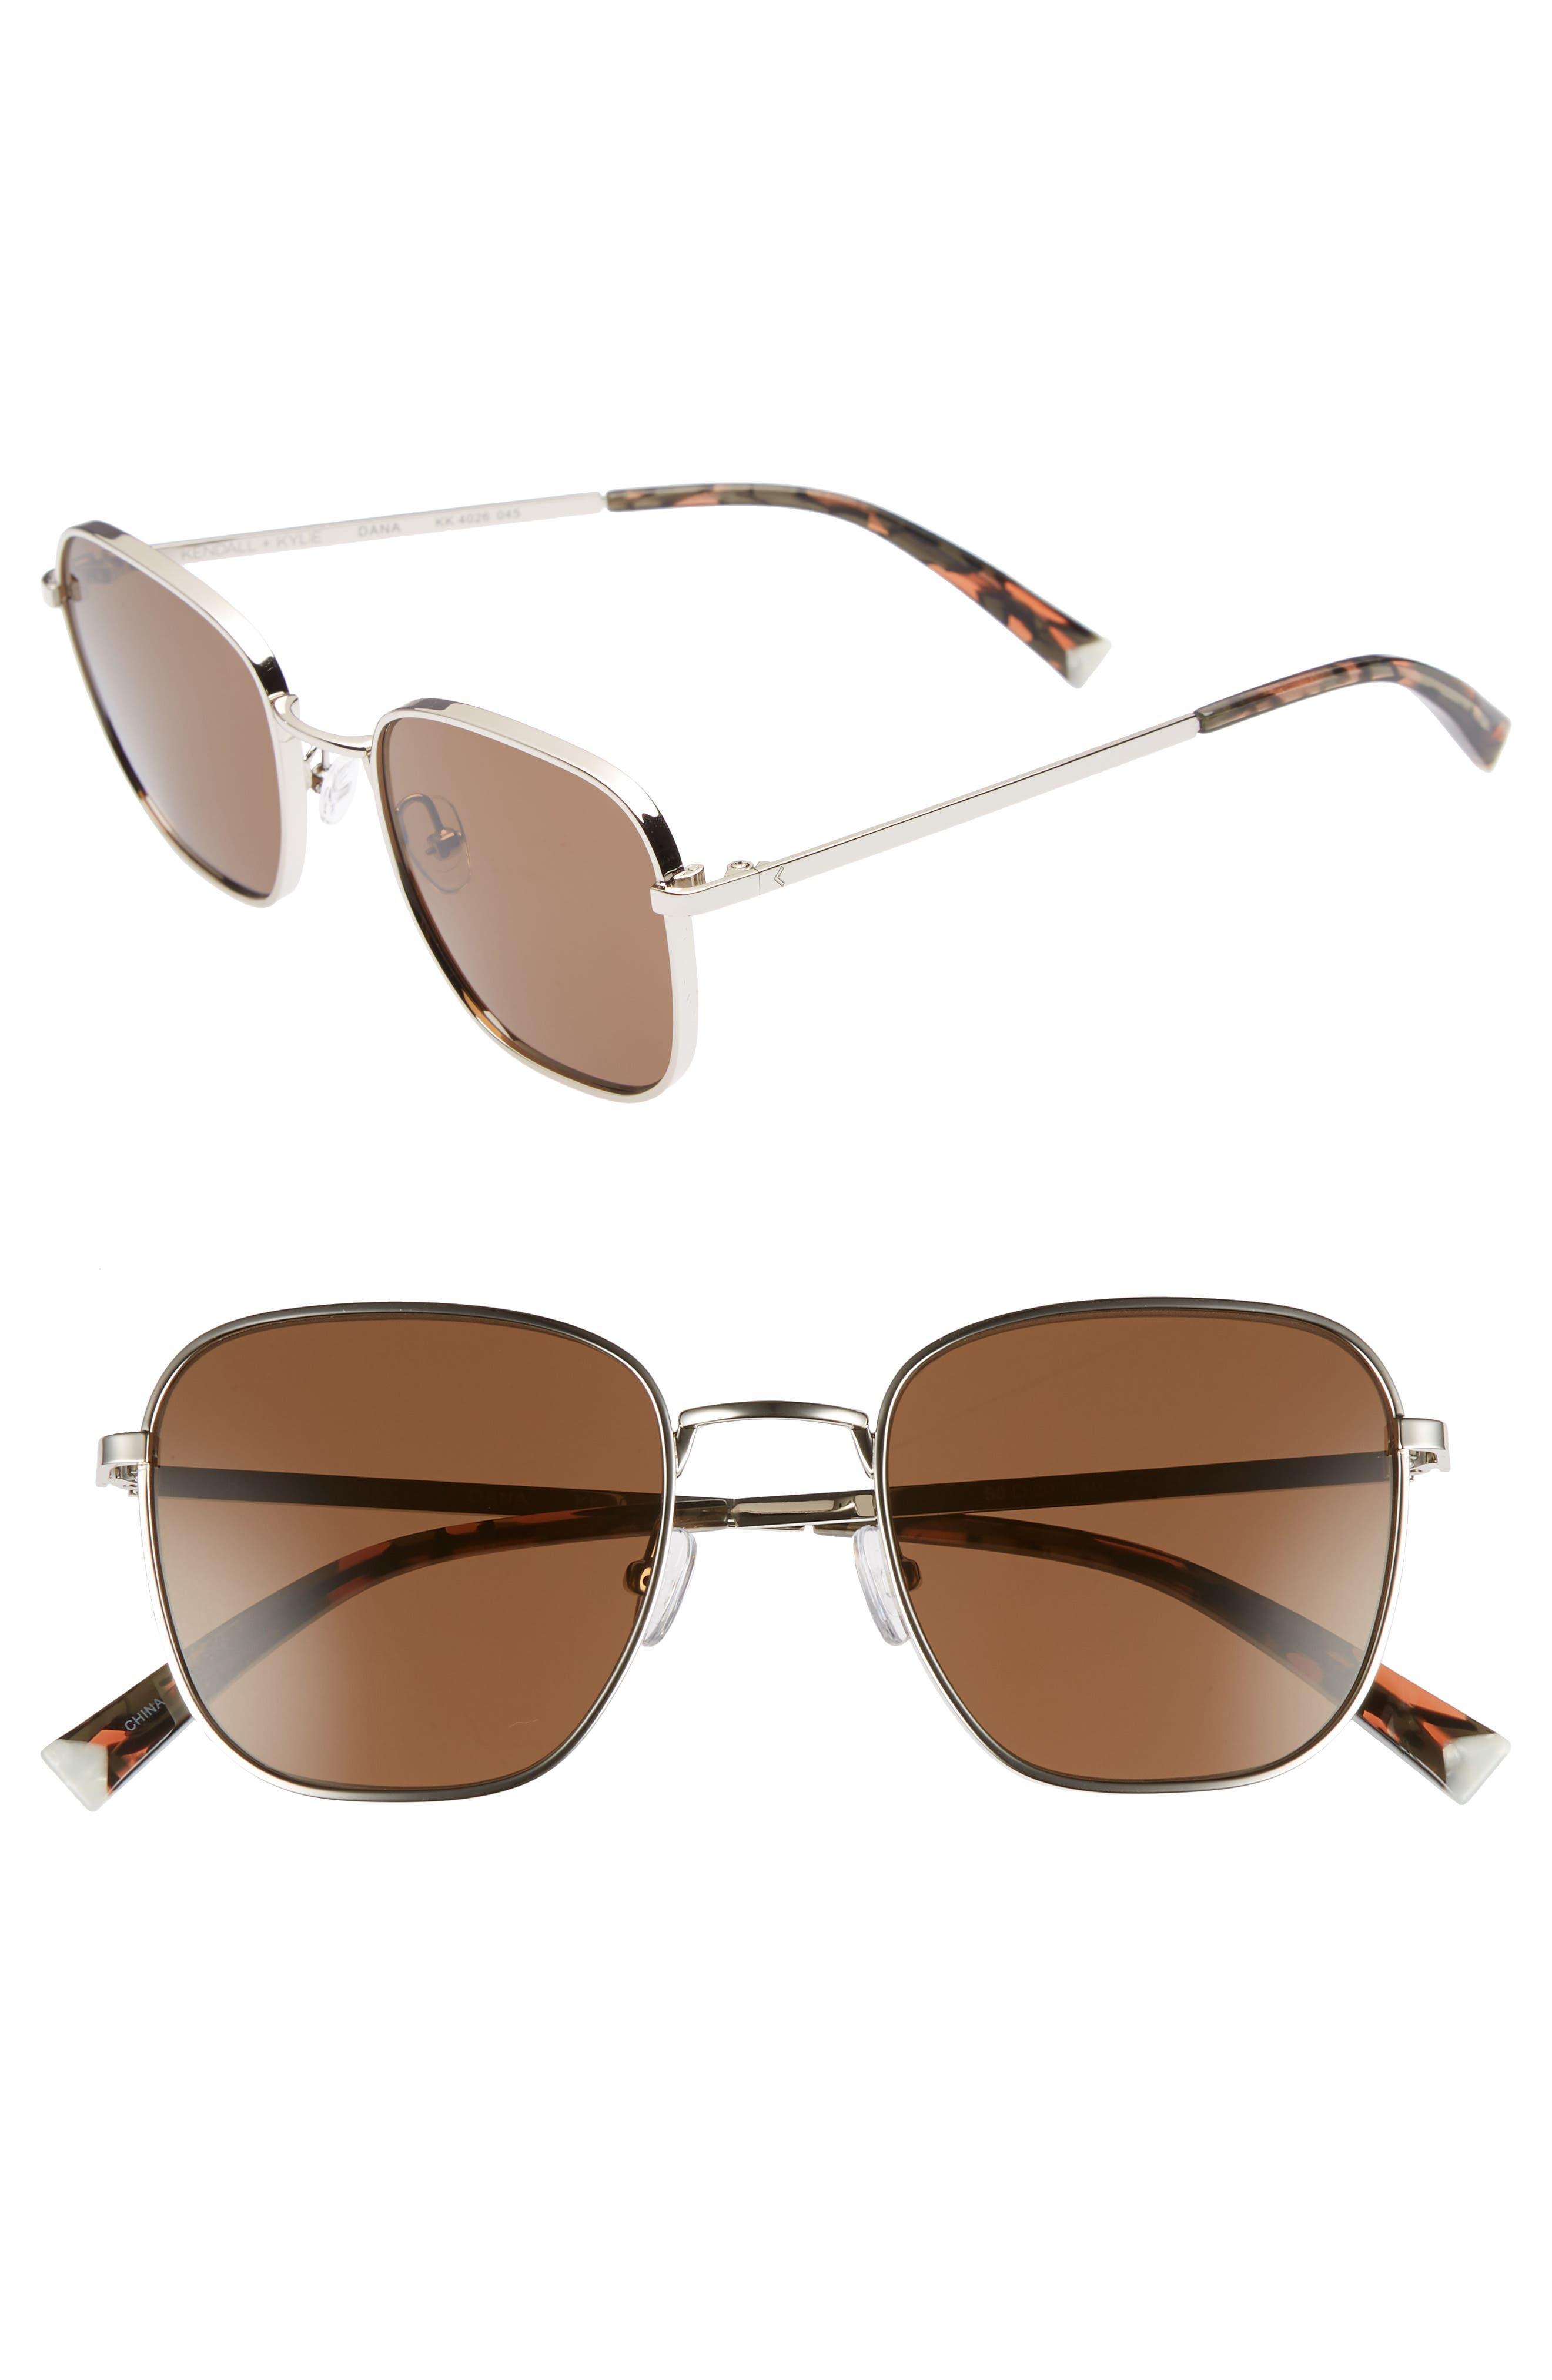 Dana 50mm Square Sunglasses,                             Main thumbnail 1, color,                             045